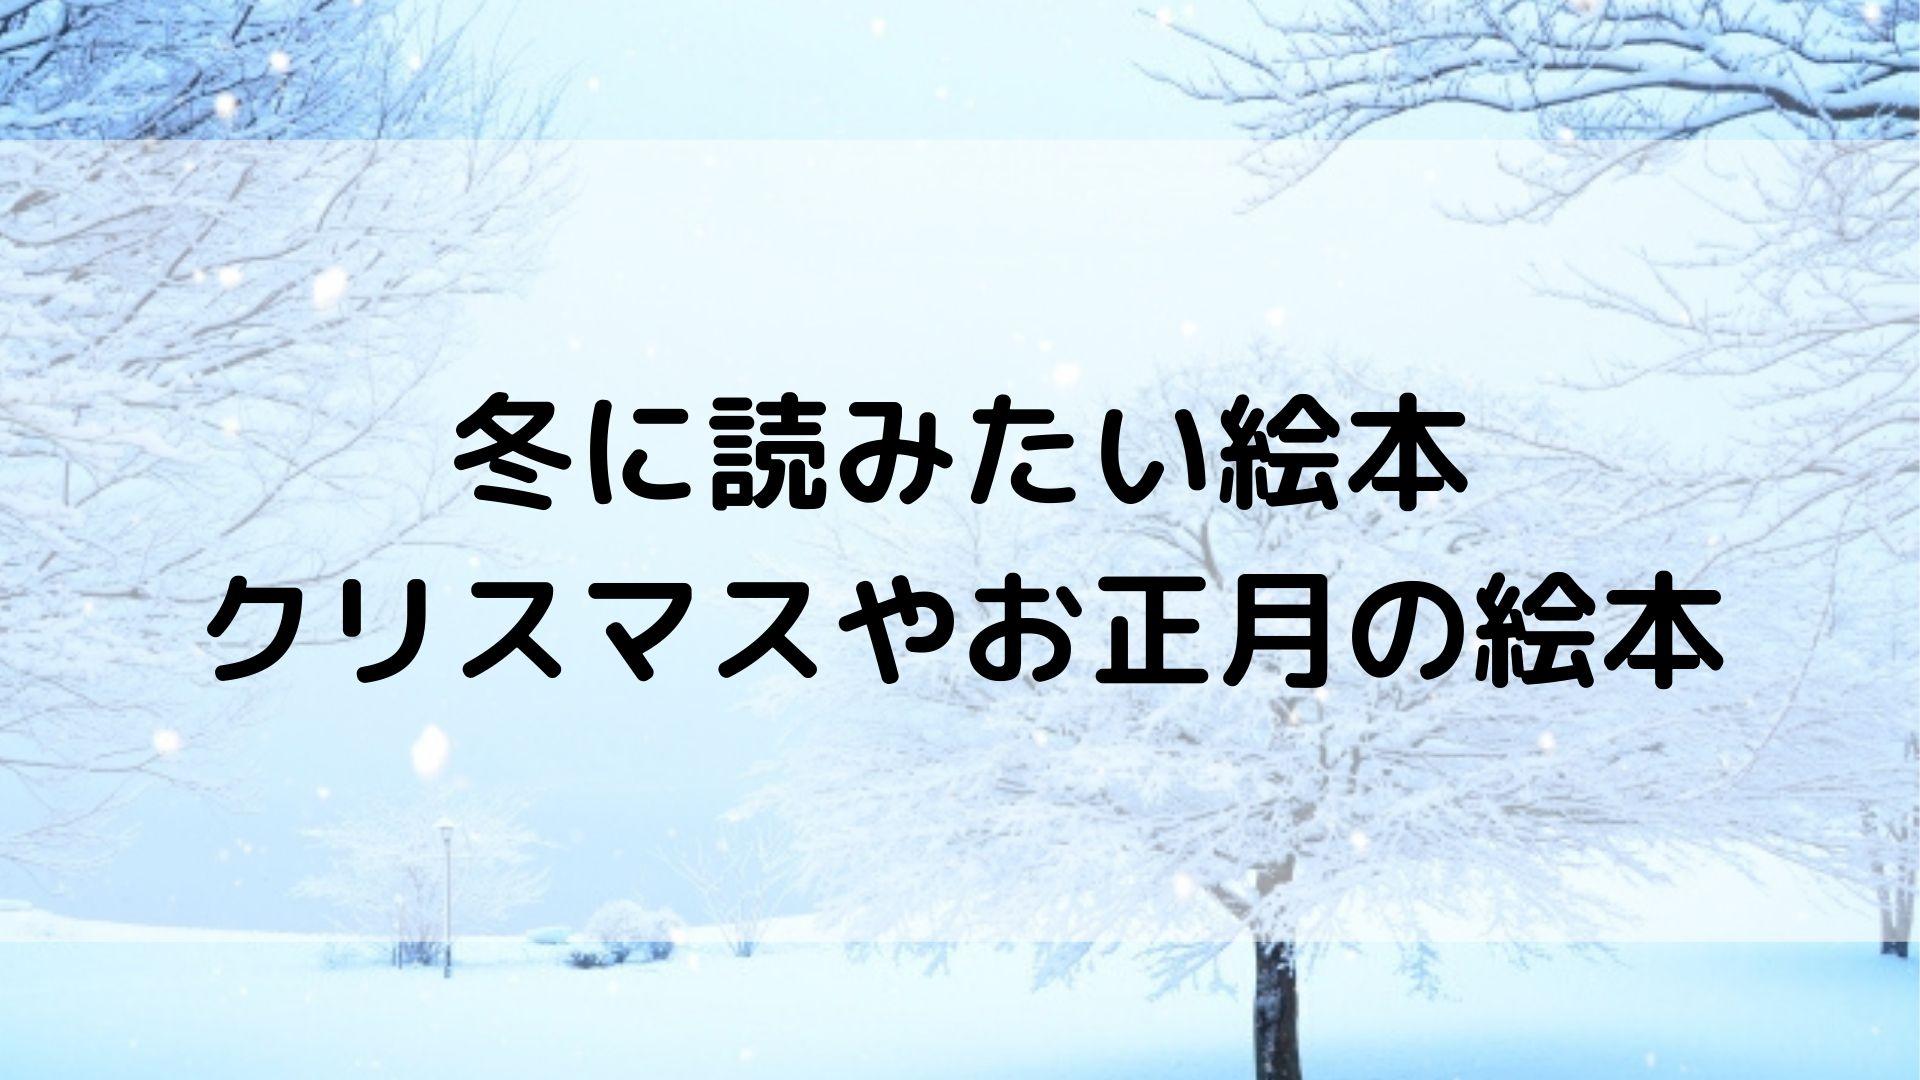 冬に読みたい絵本 クリスマスやお正月の絵本